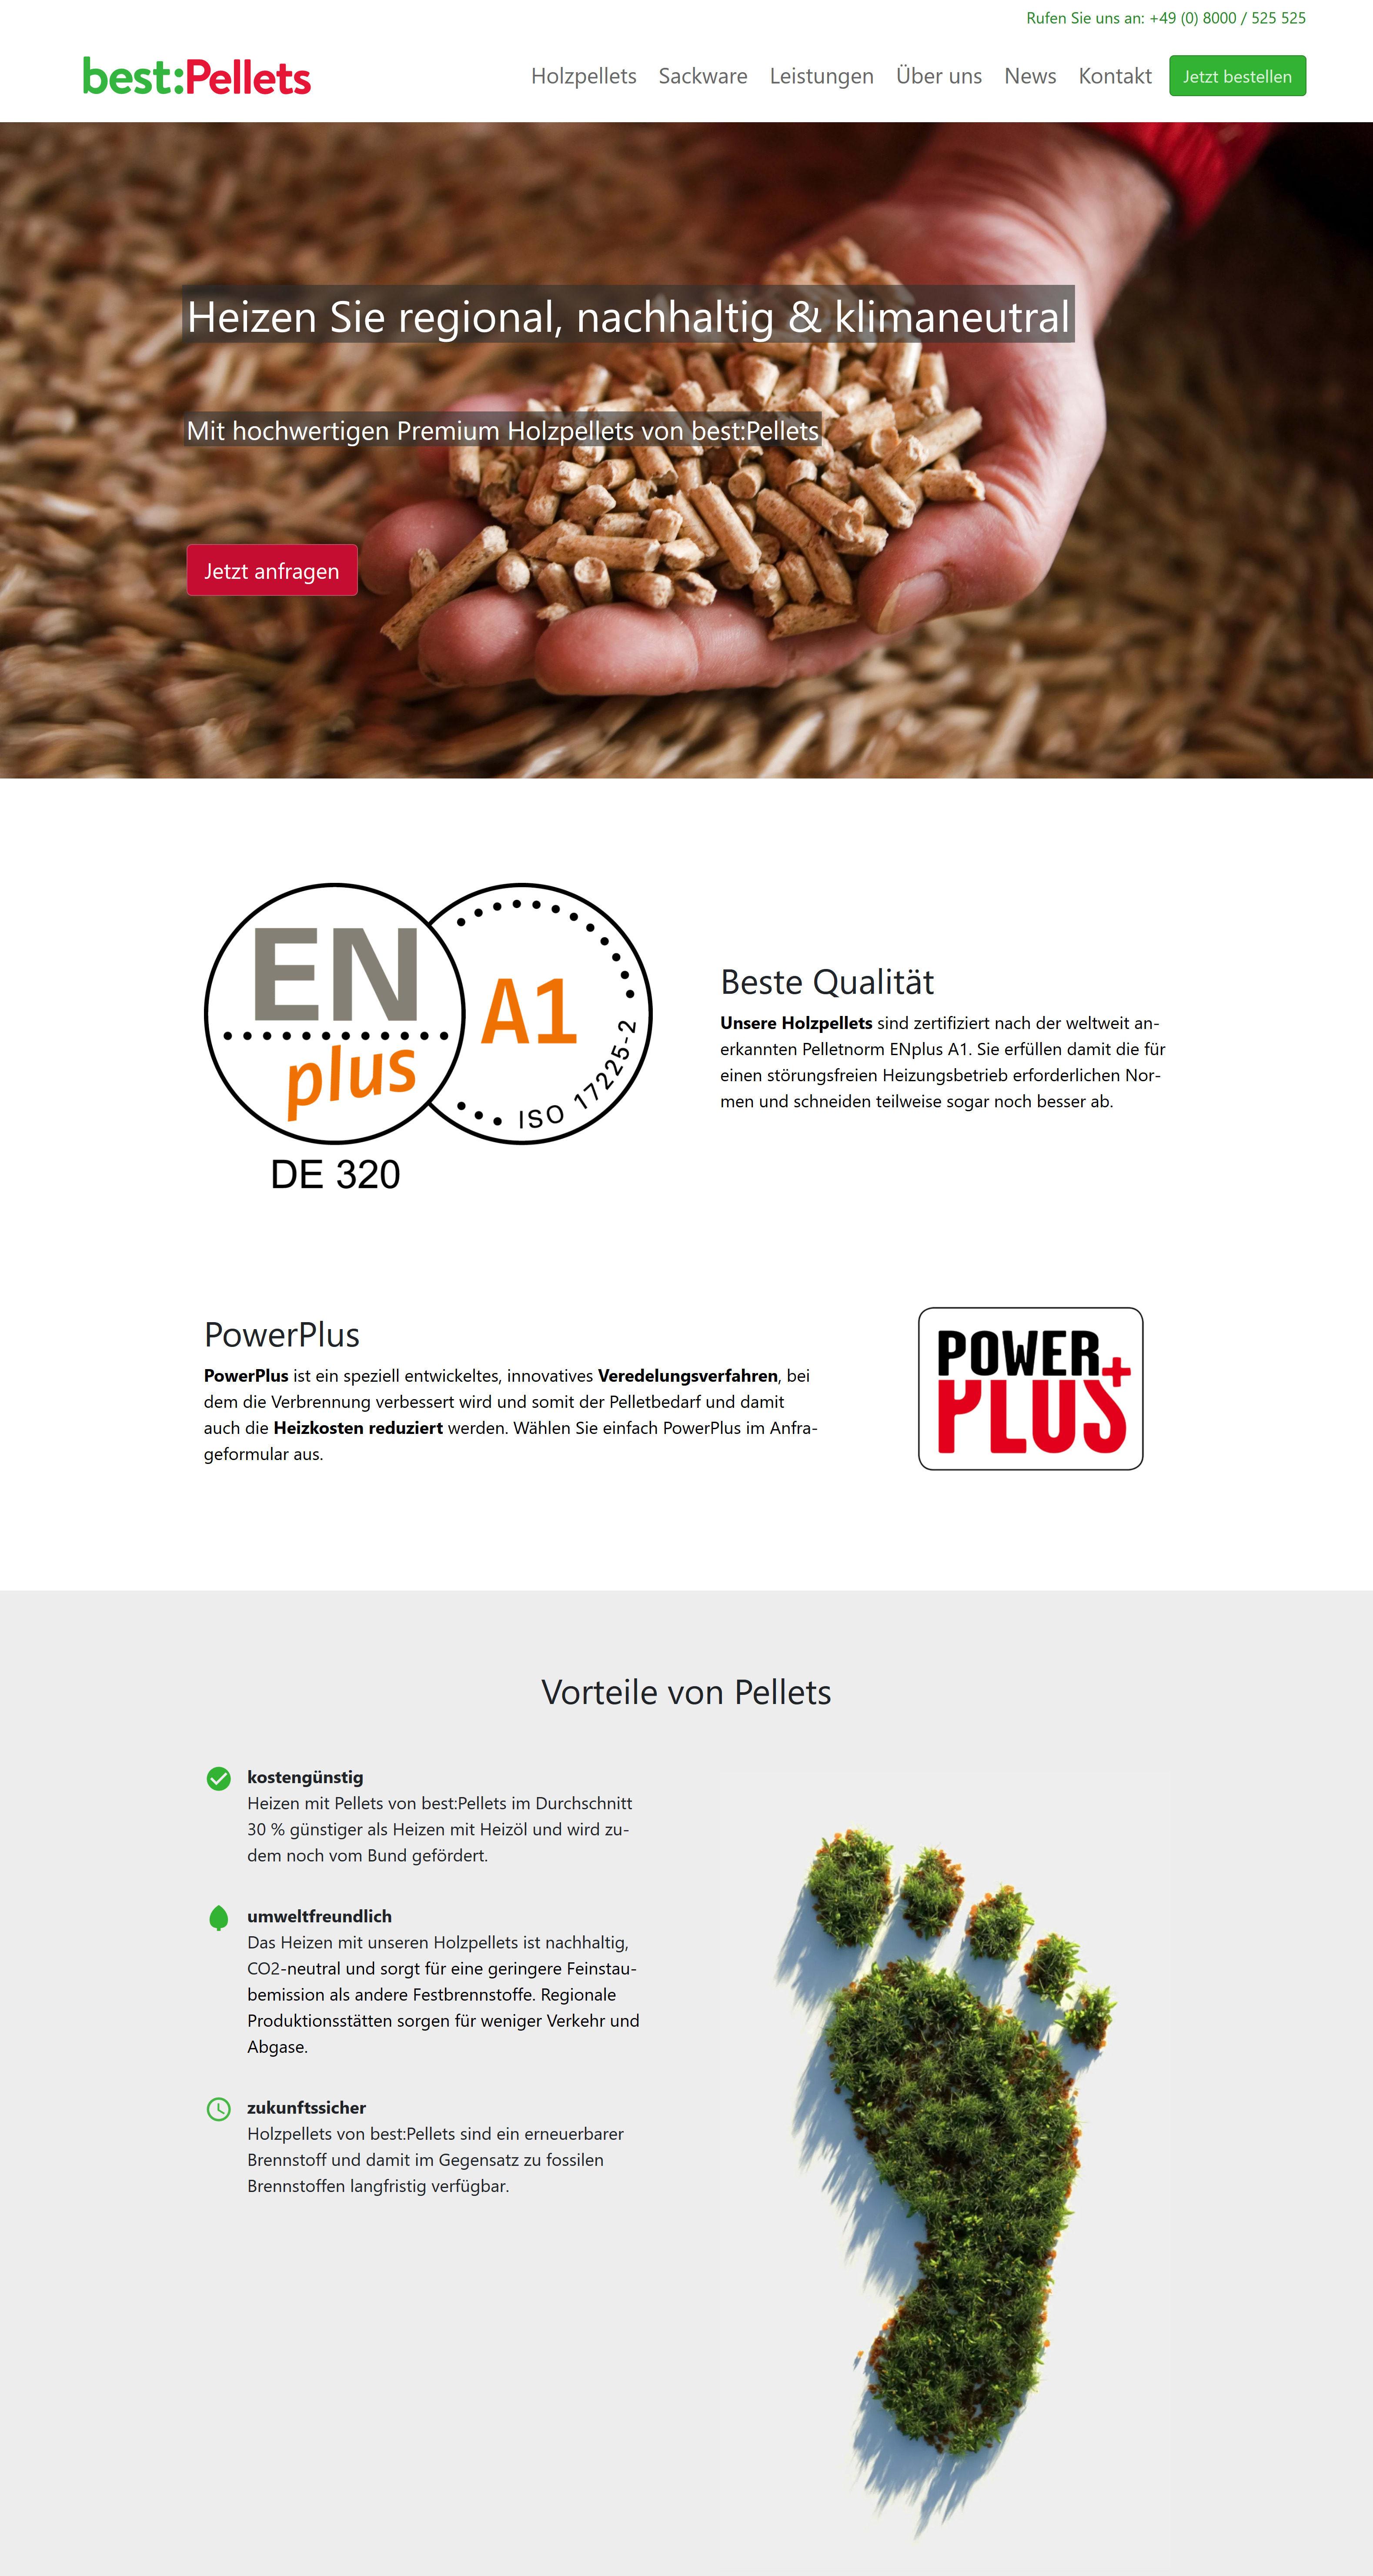 Screenshot der Seite best-pellets.de